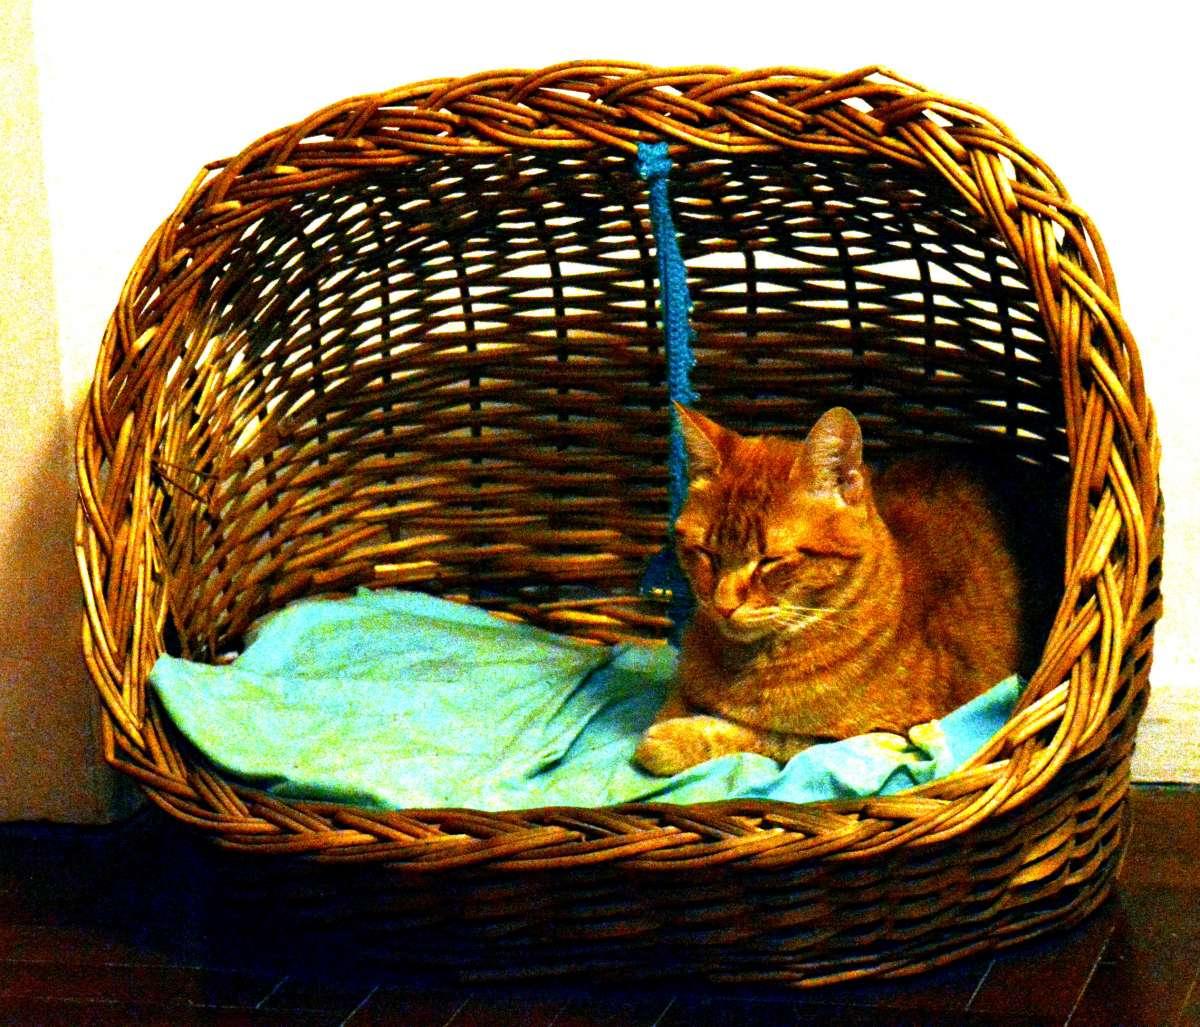 Jodos's Cat